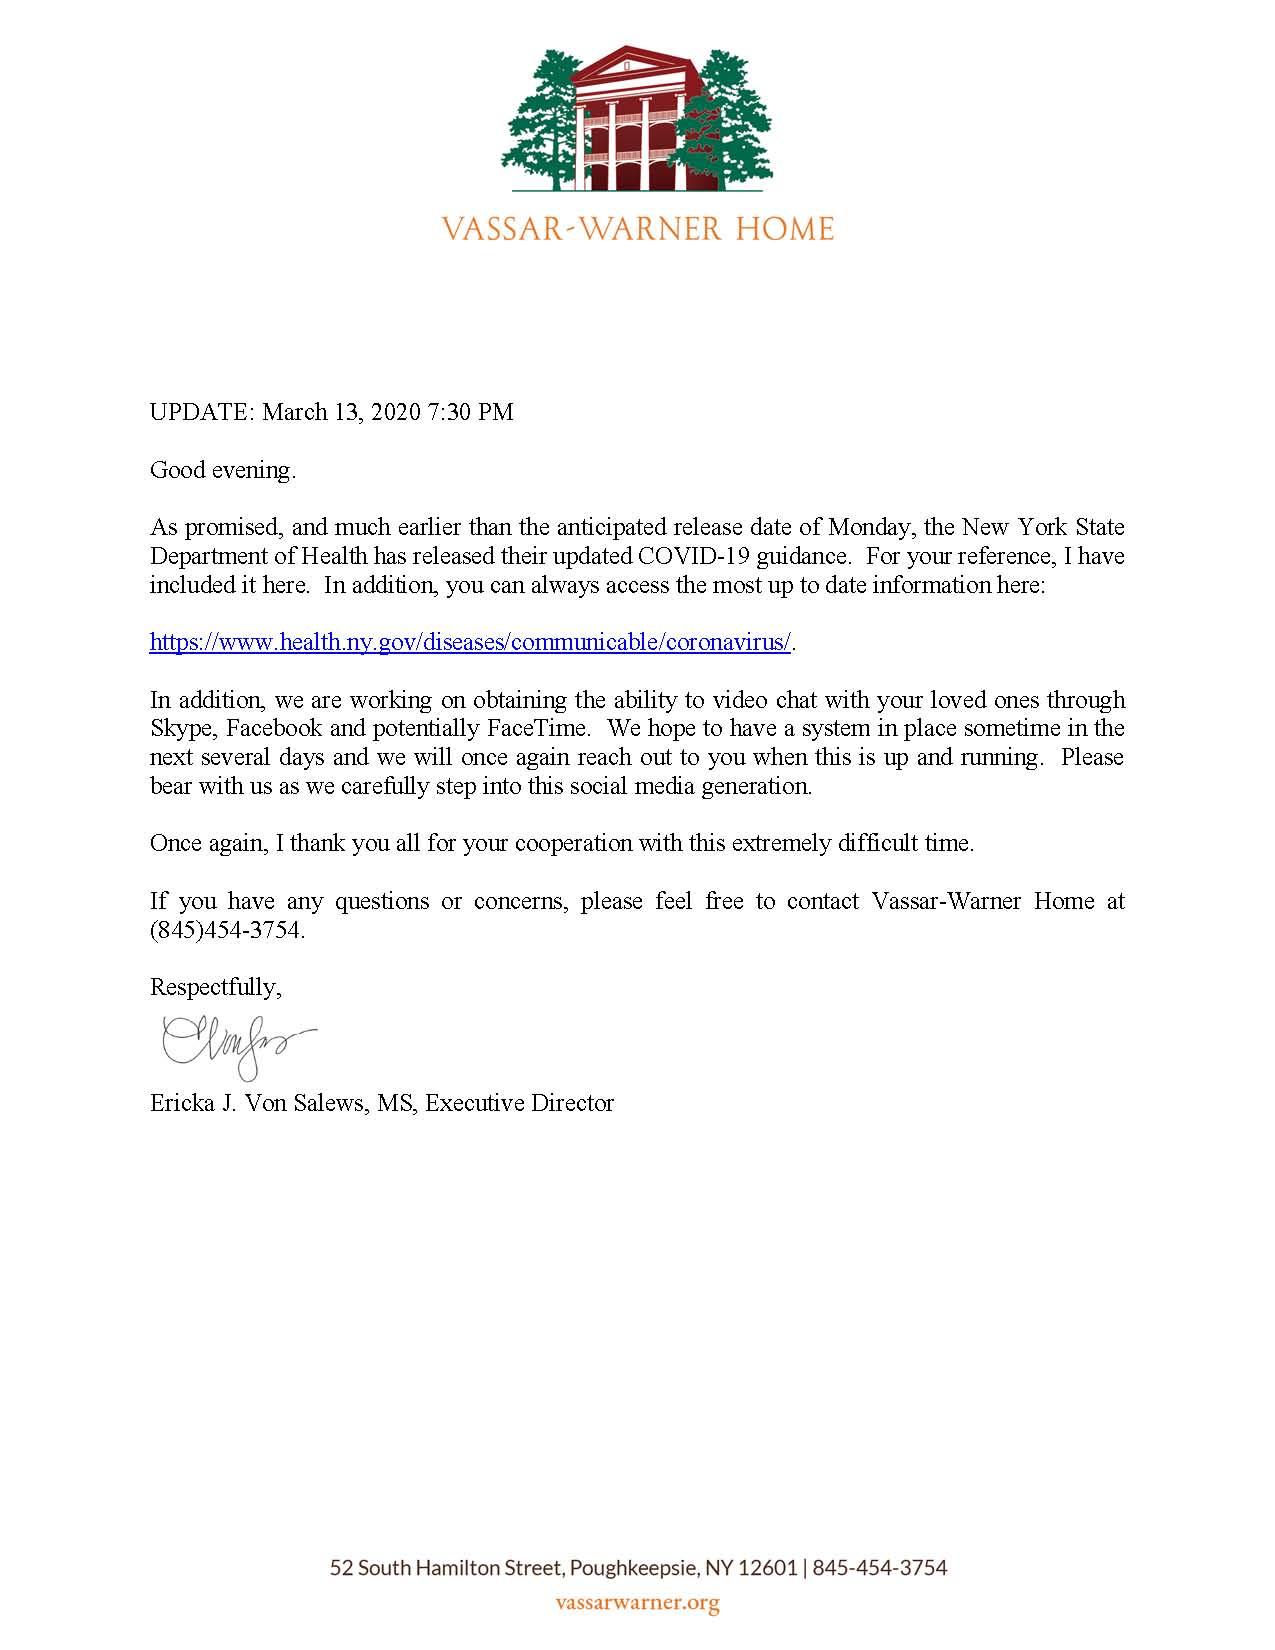 Update on COVID-19 for Vassar-Warner Home